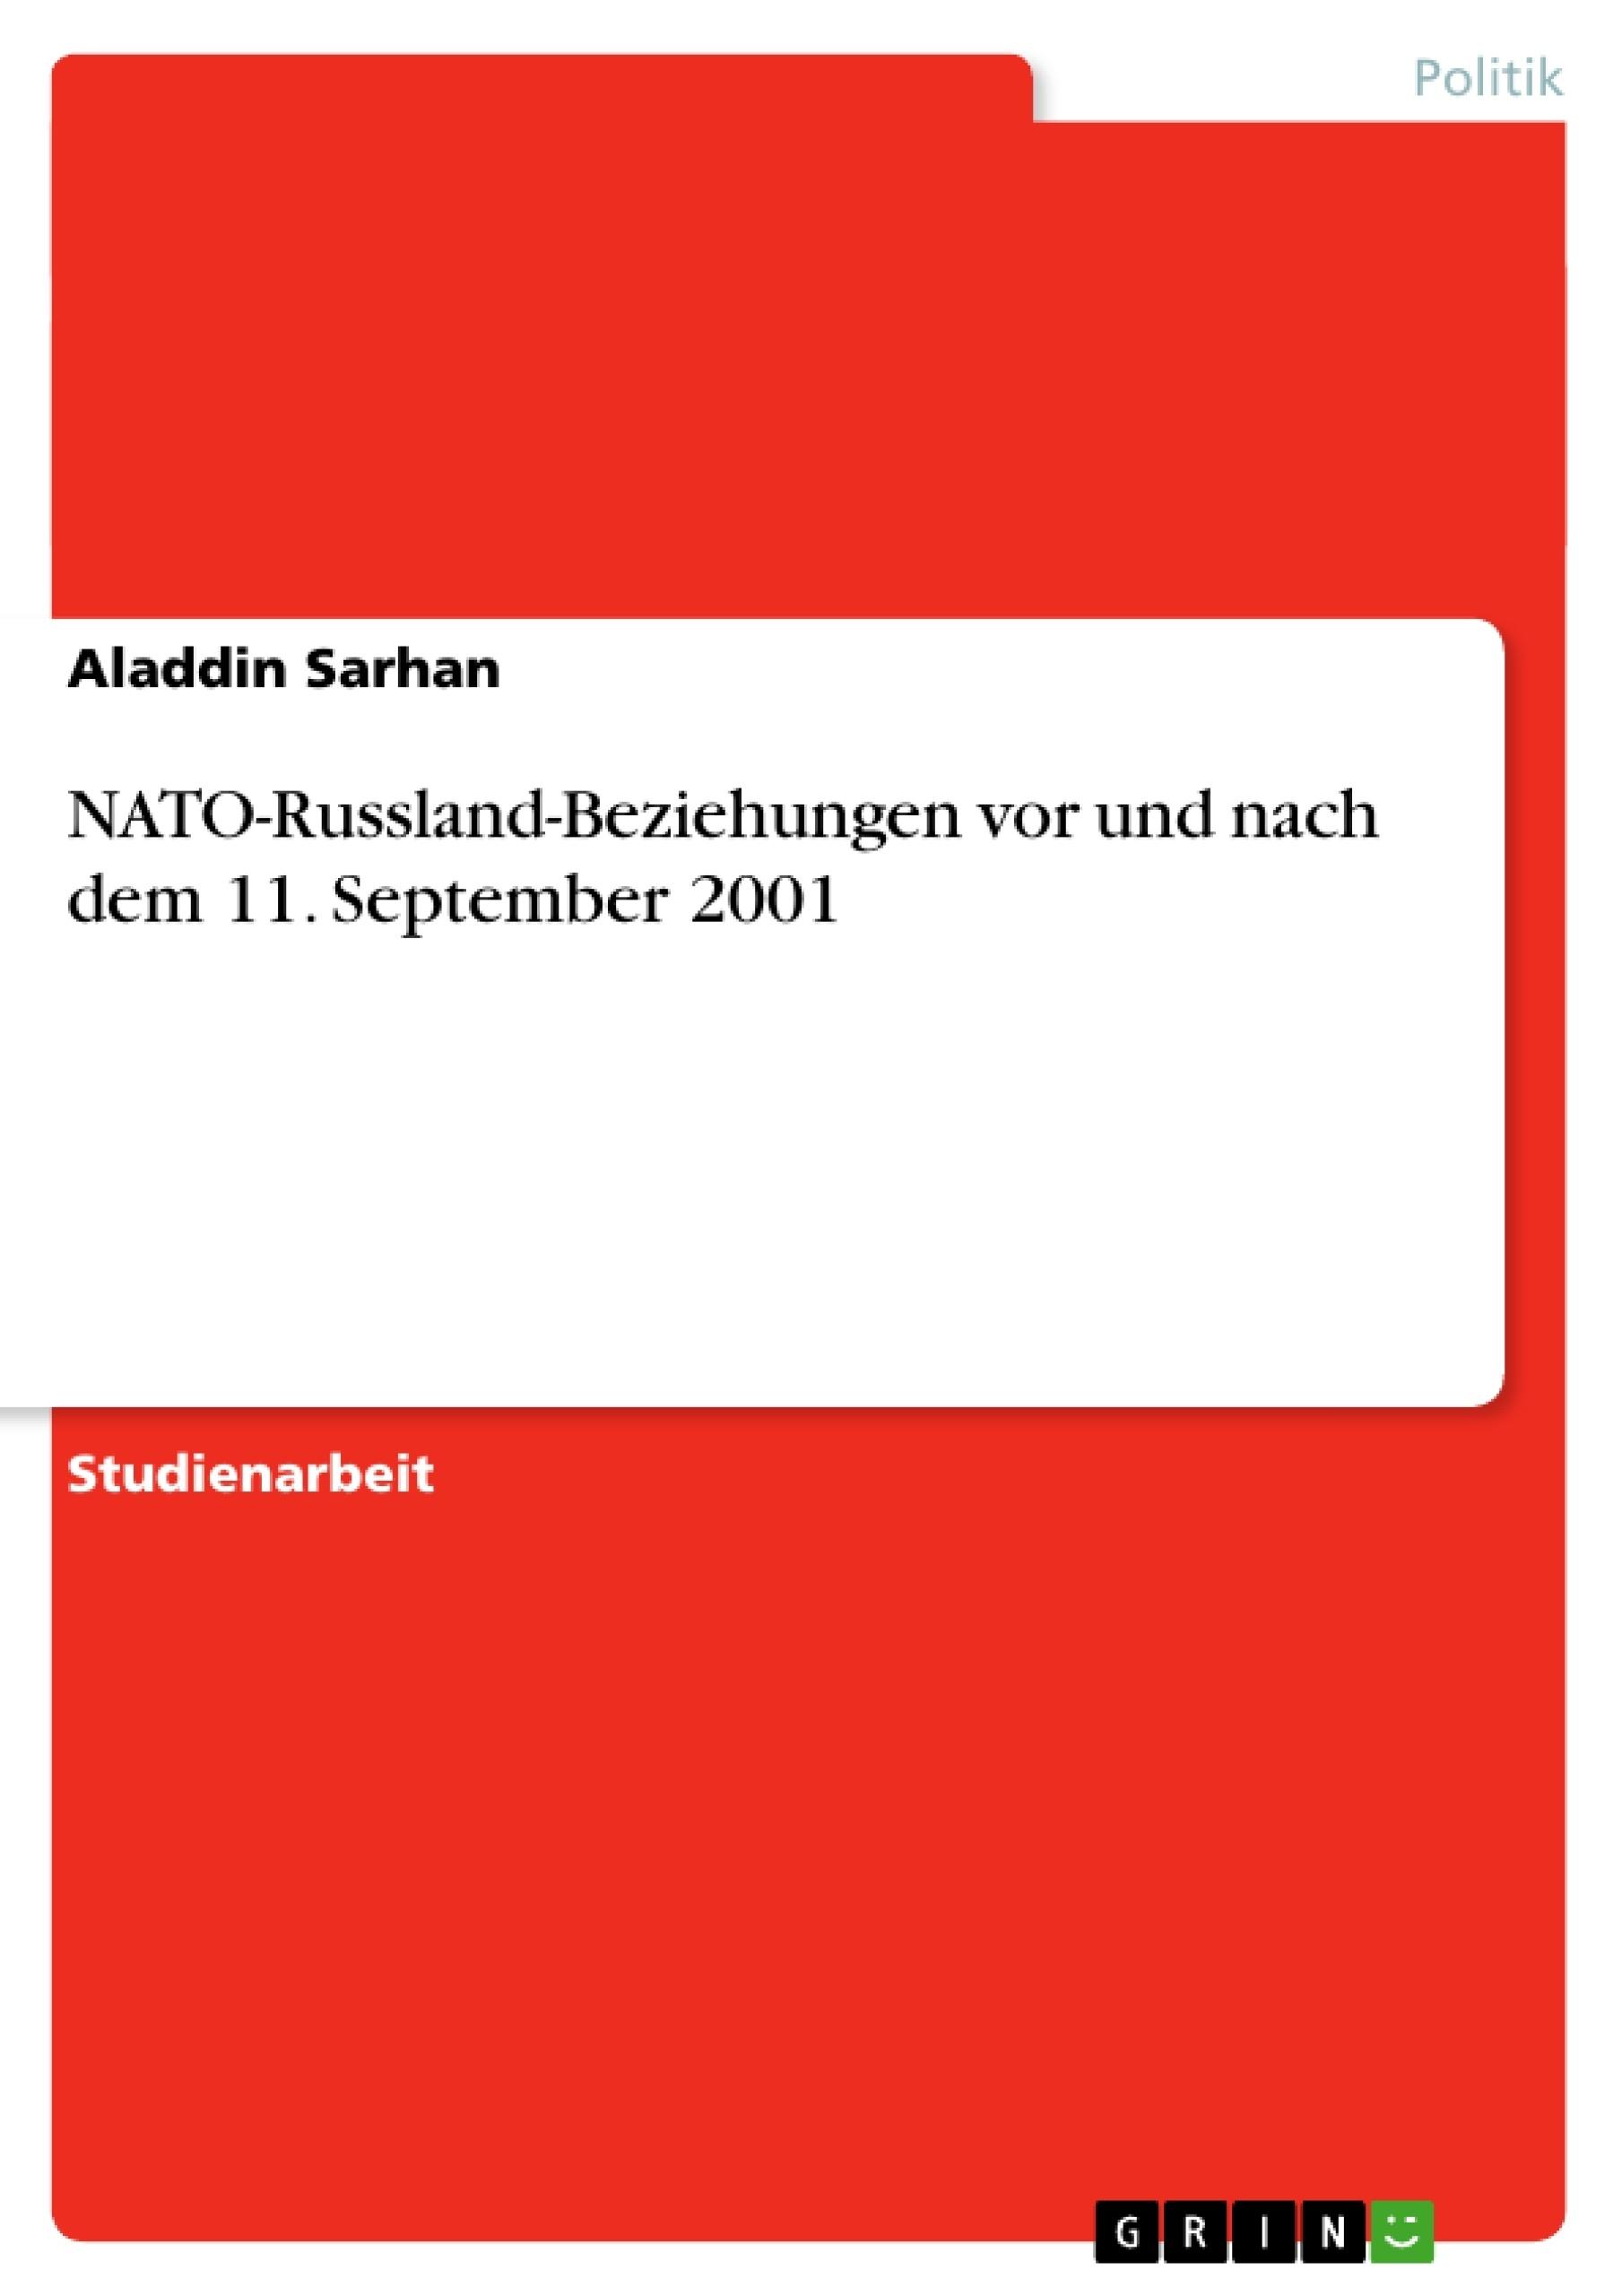 Titel: NATO-Russland-Beziehungen vor und nach dem 11. September 2001